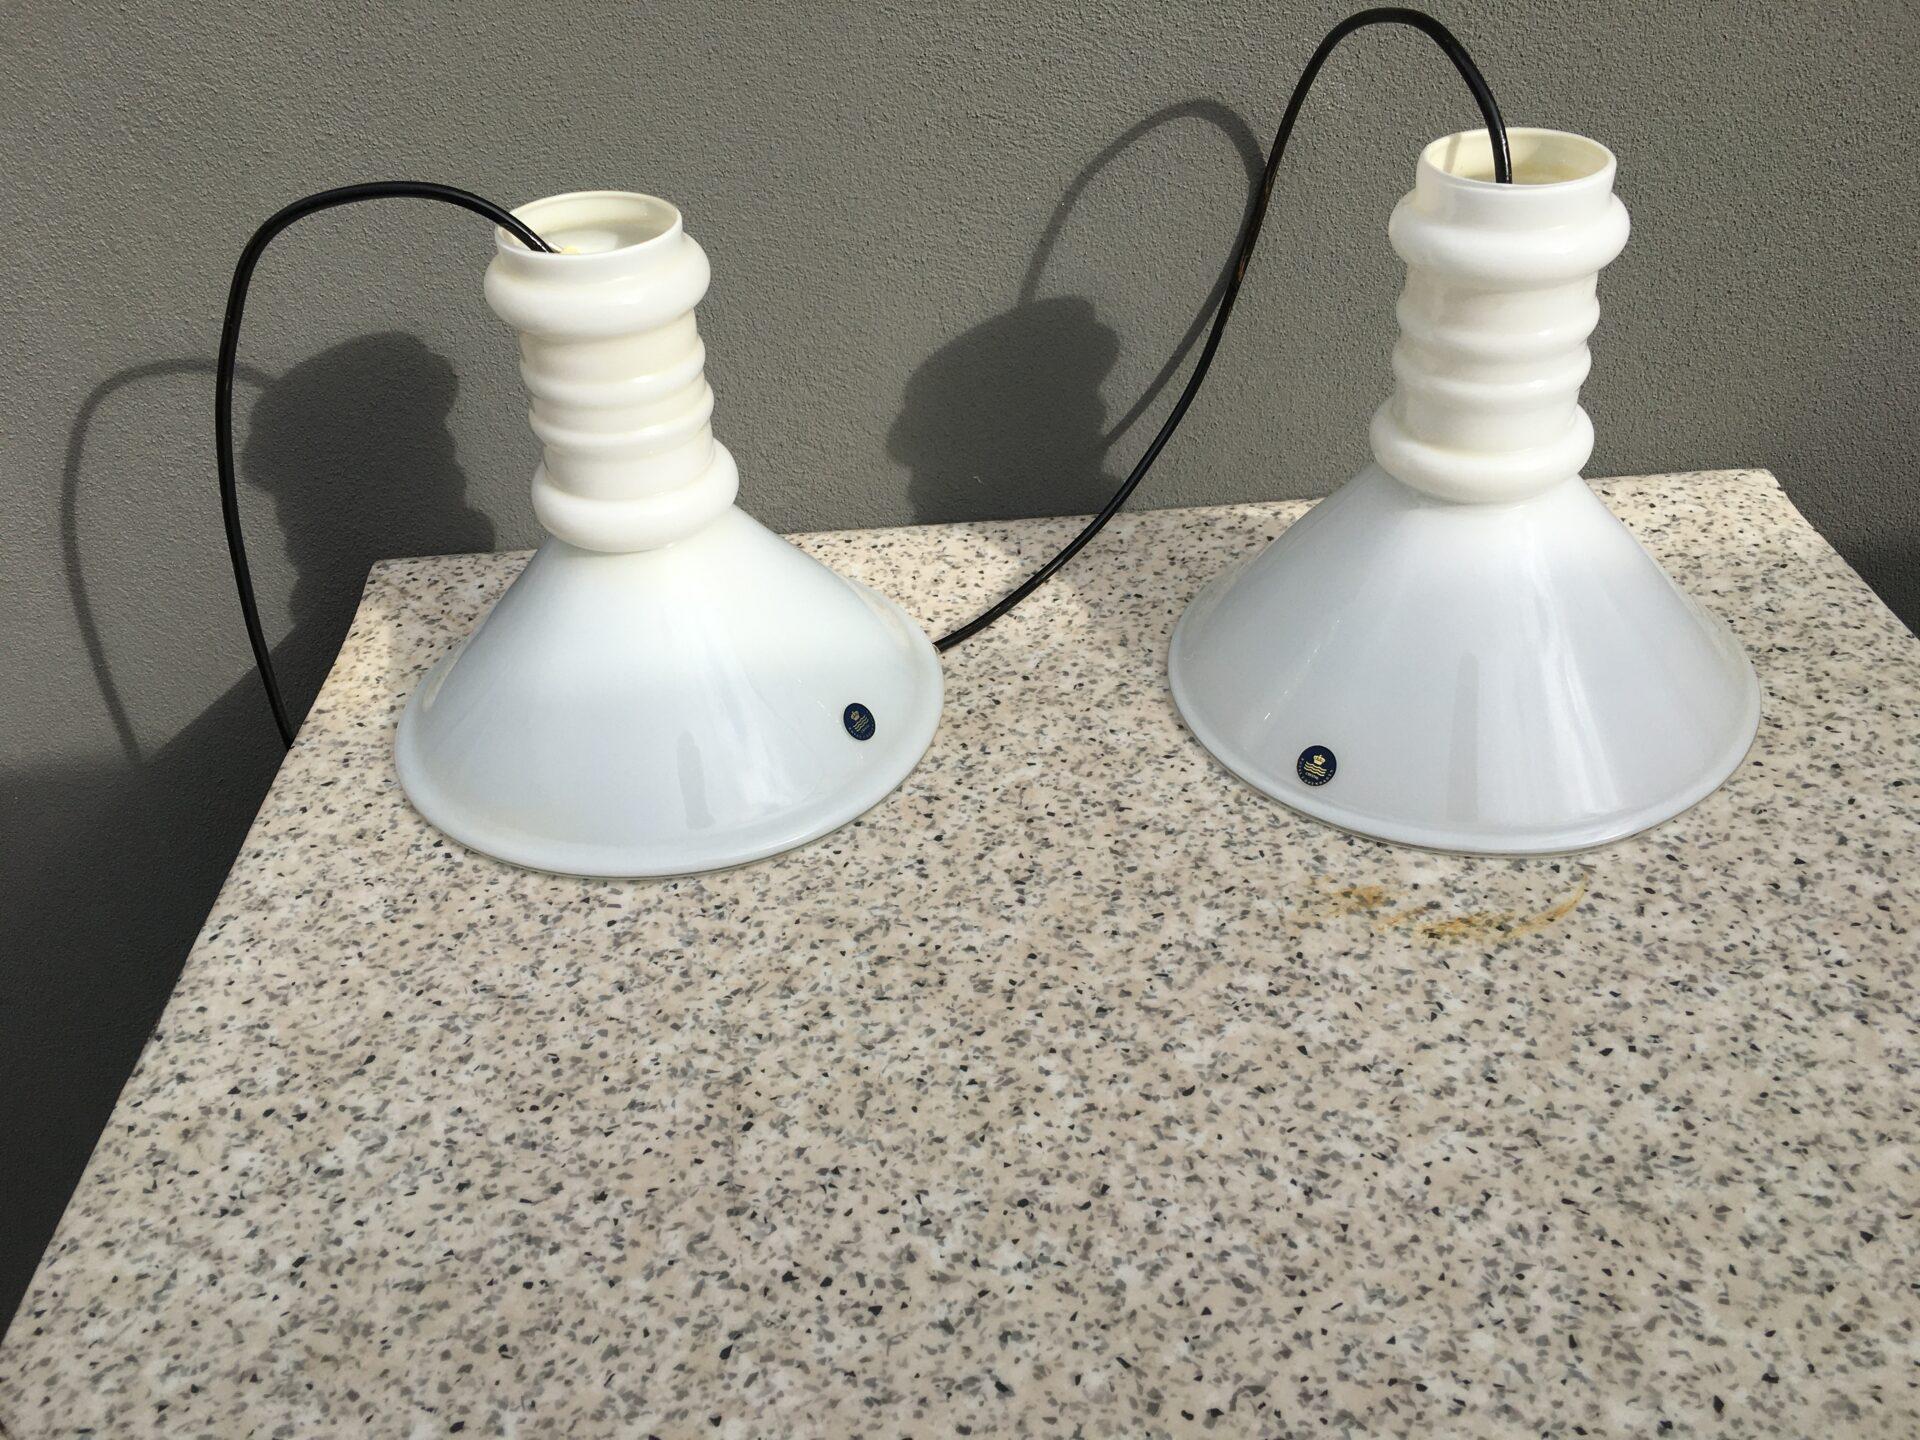 2 stk Holmegaard, apotekerlamper, d=24 cm, samlet pris 900kr